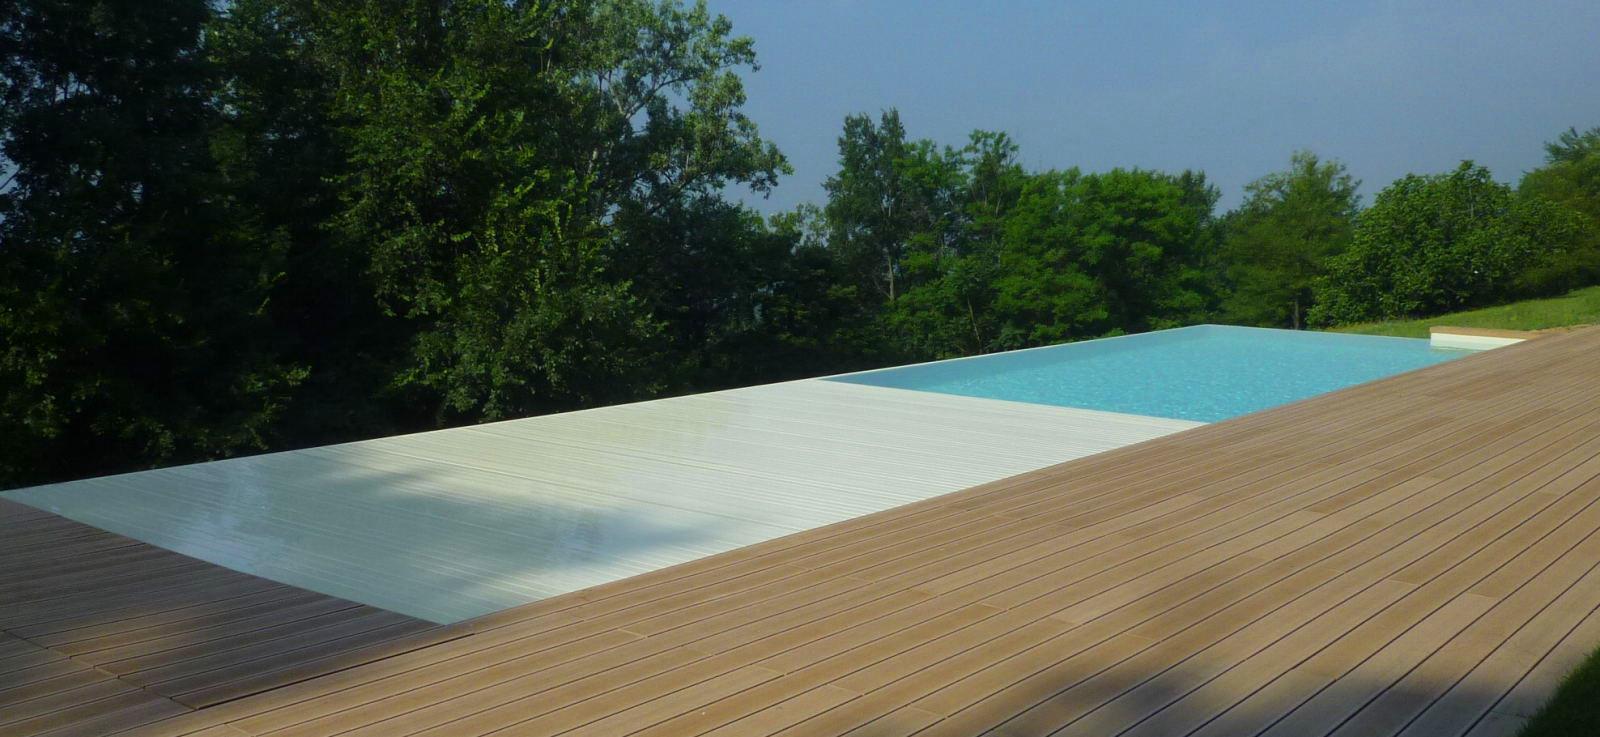 Esempio di copertura per piscina realizzata da Acqua SPA